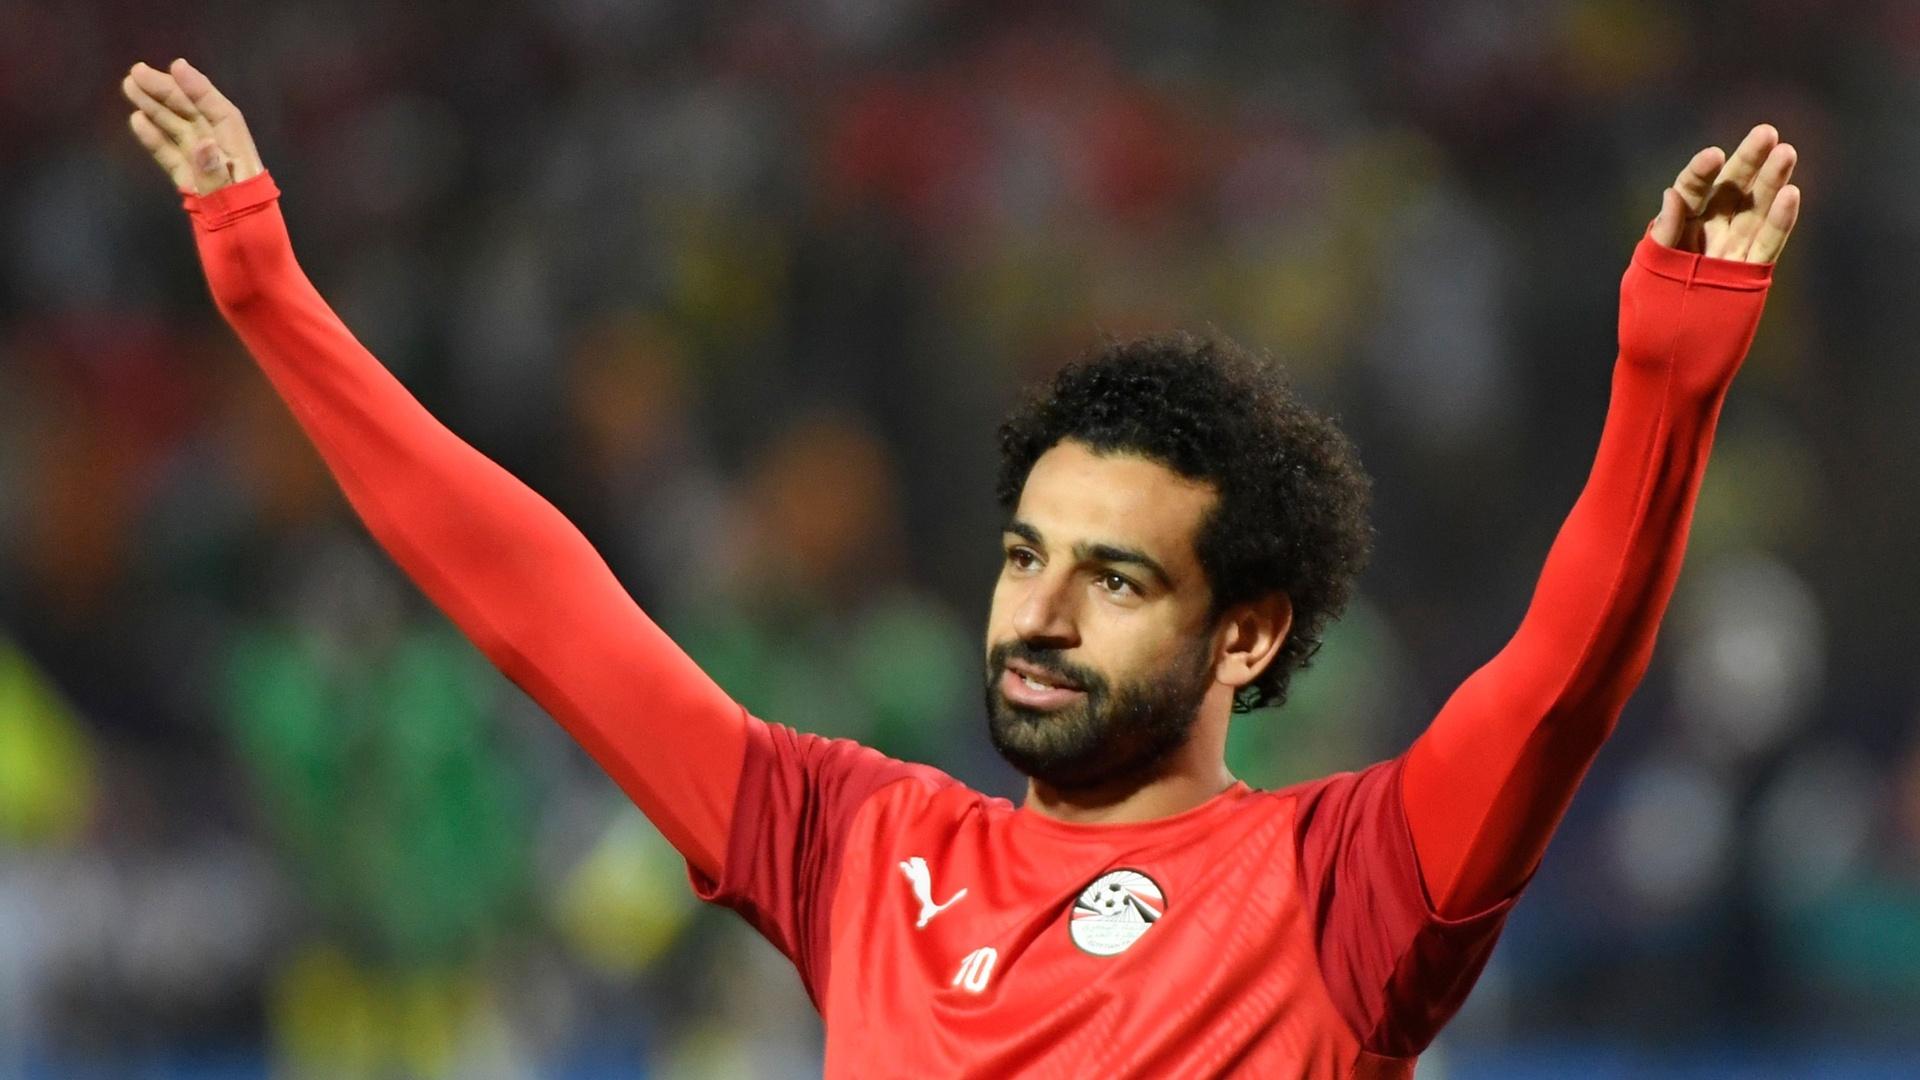 تأجيل حفل تكريم صلاح في مصر بسبب قرار إنجليزي